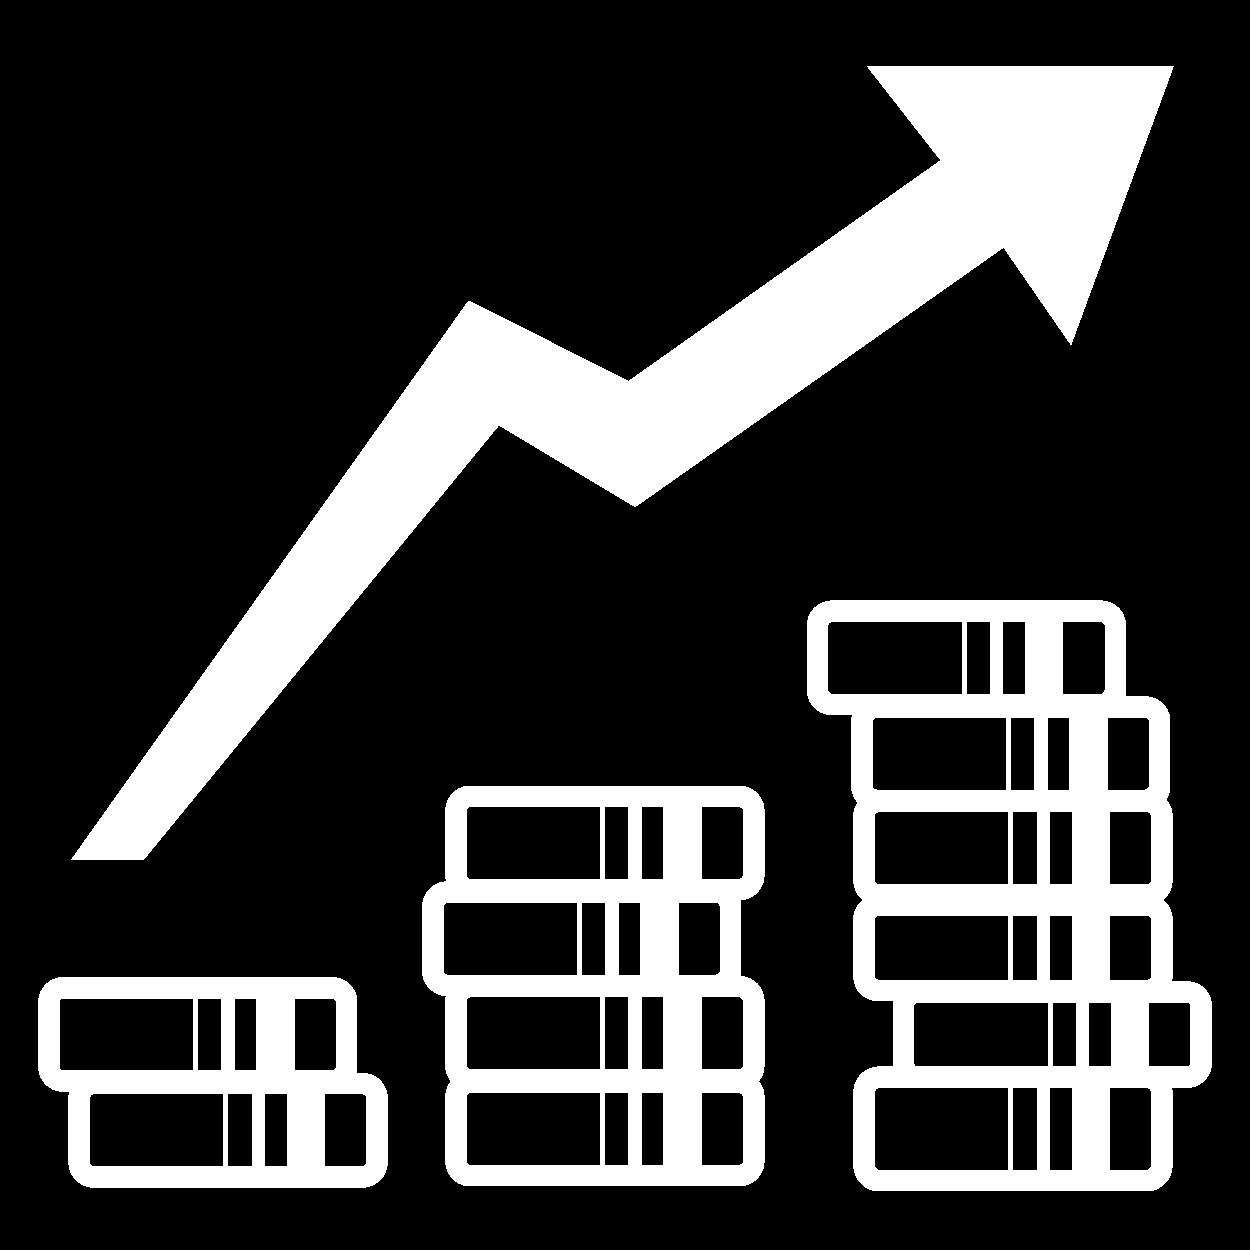 icone aumento de receita